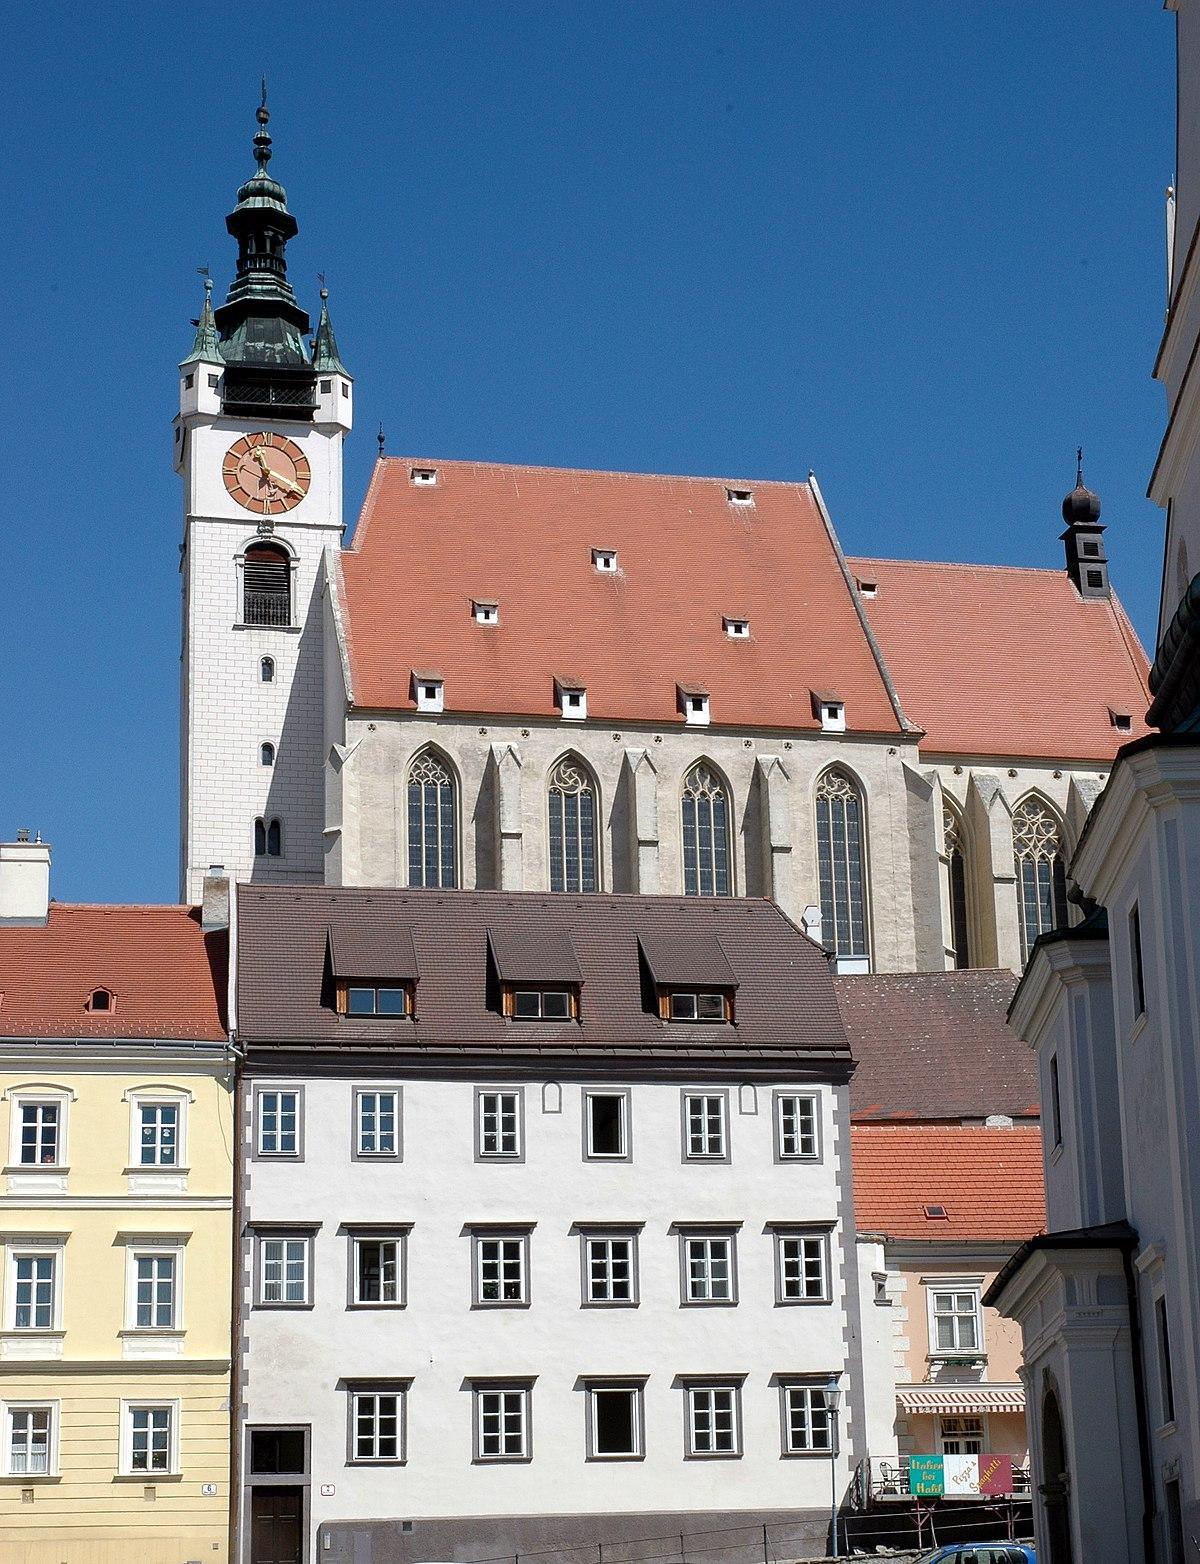 Kontaktanzeigen Krems | Locanto Dating Krems